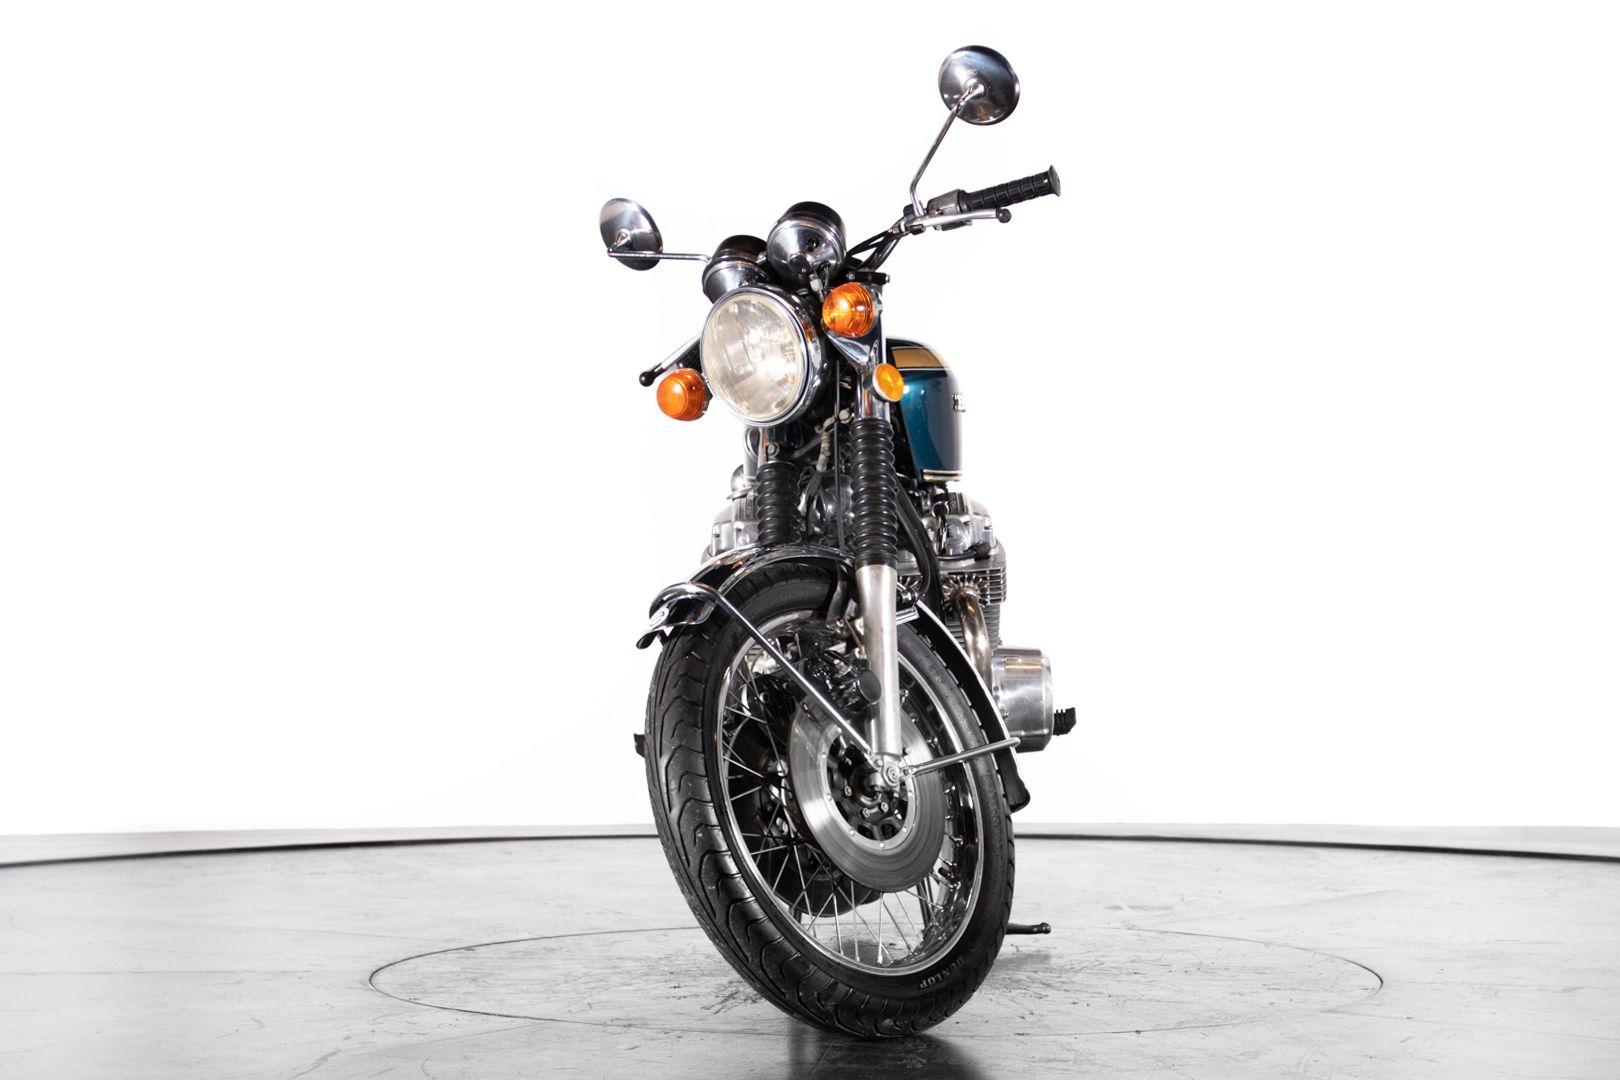 1973 Honda CB 750 Four 44303